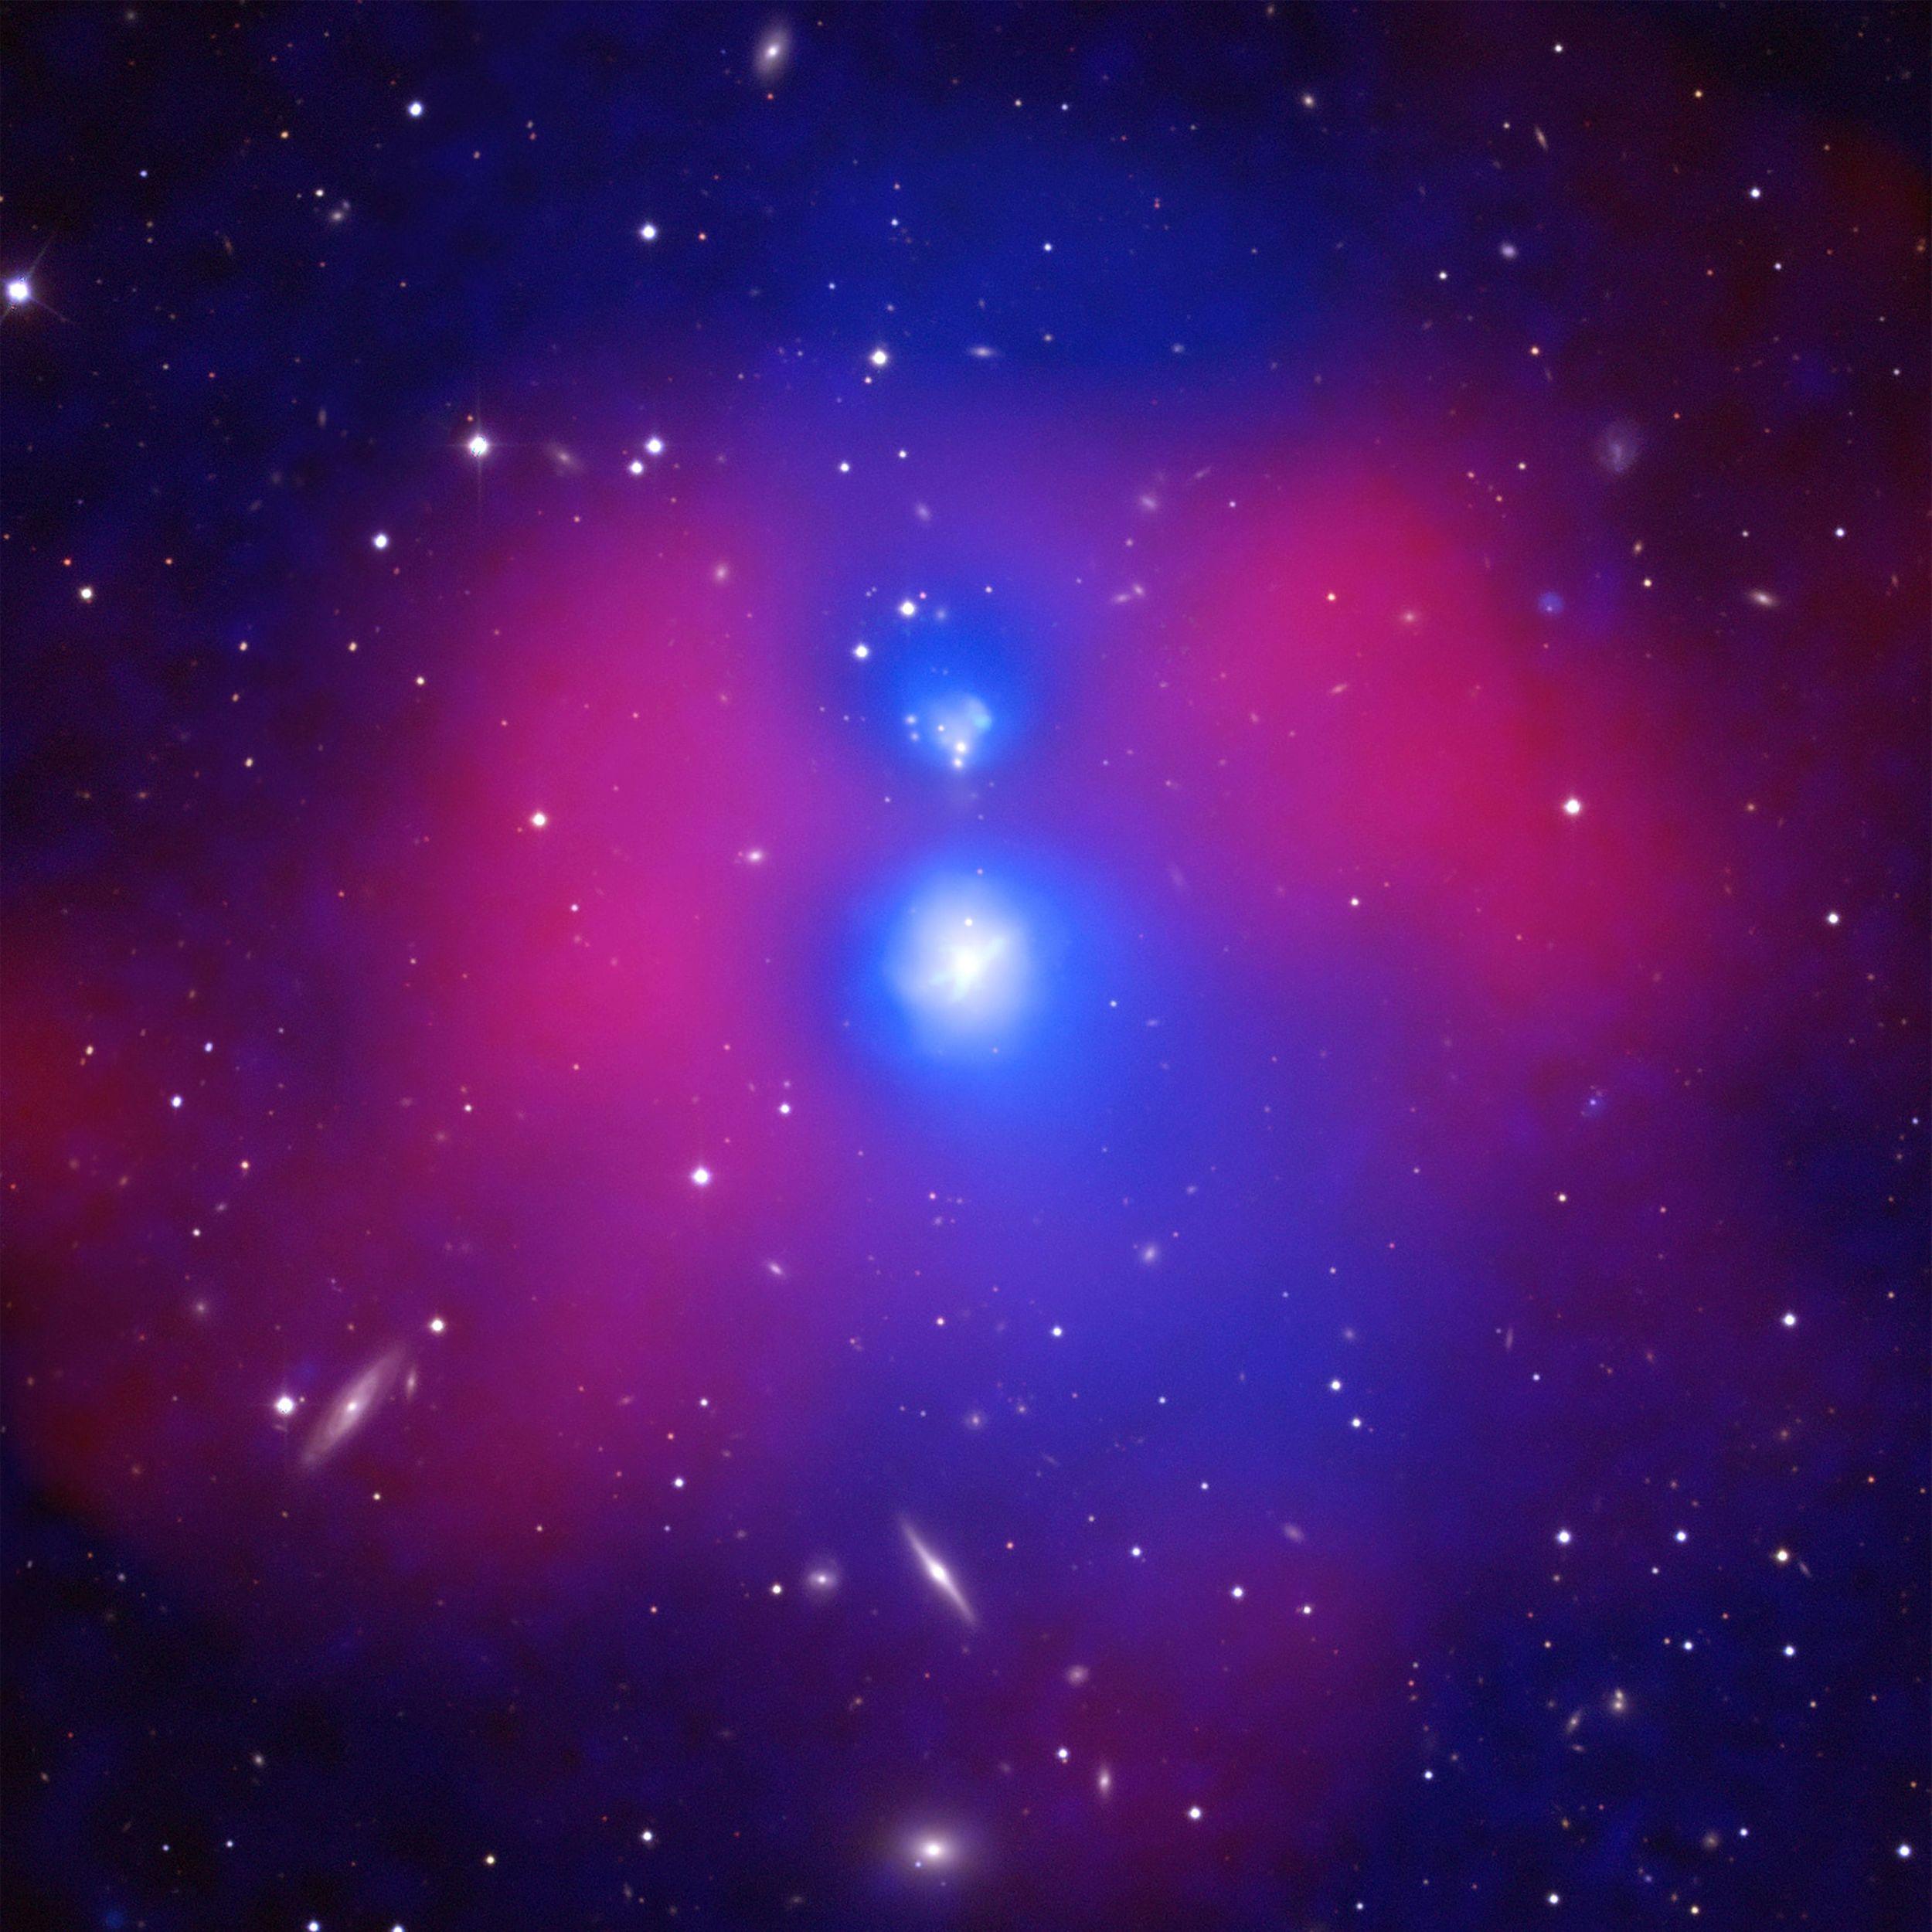 Zbiorowisko galaktyk dostarcza ciepła